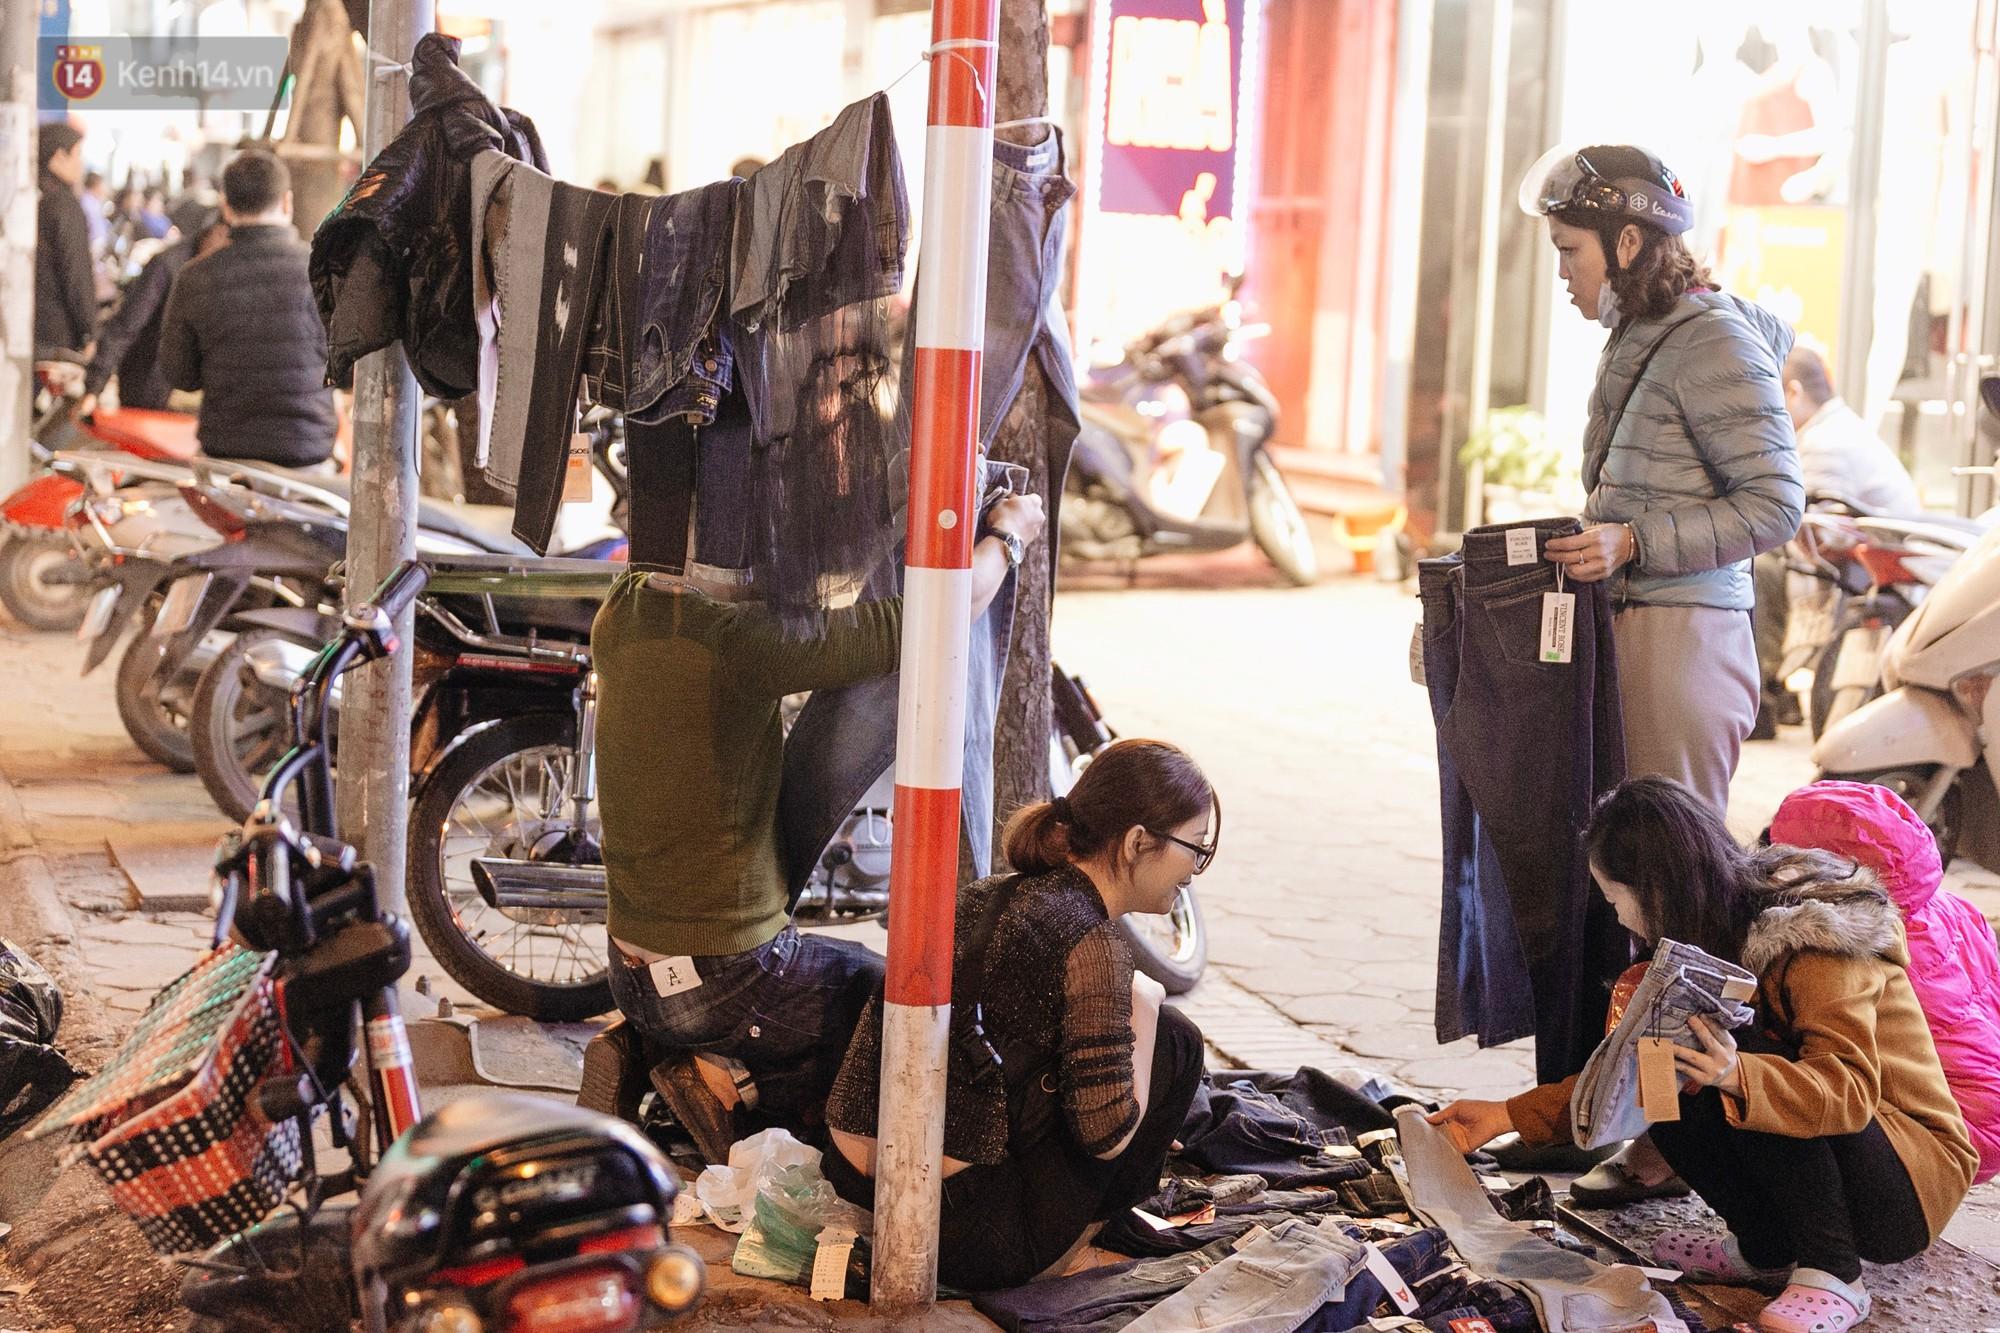 Vỉa hè Hà Nội trở thành chợ thời trang, trẻ em ngồi thùng xếp phụ bố mẹ bán hàng ngày cận Tết - Ảnh 15.